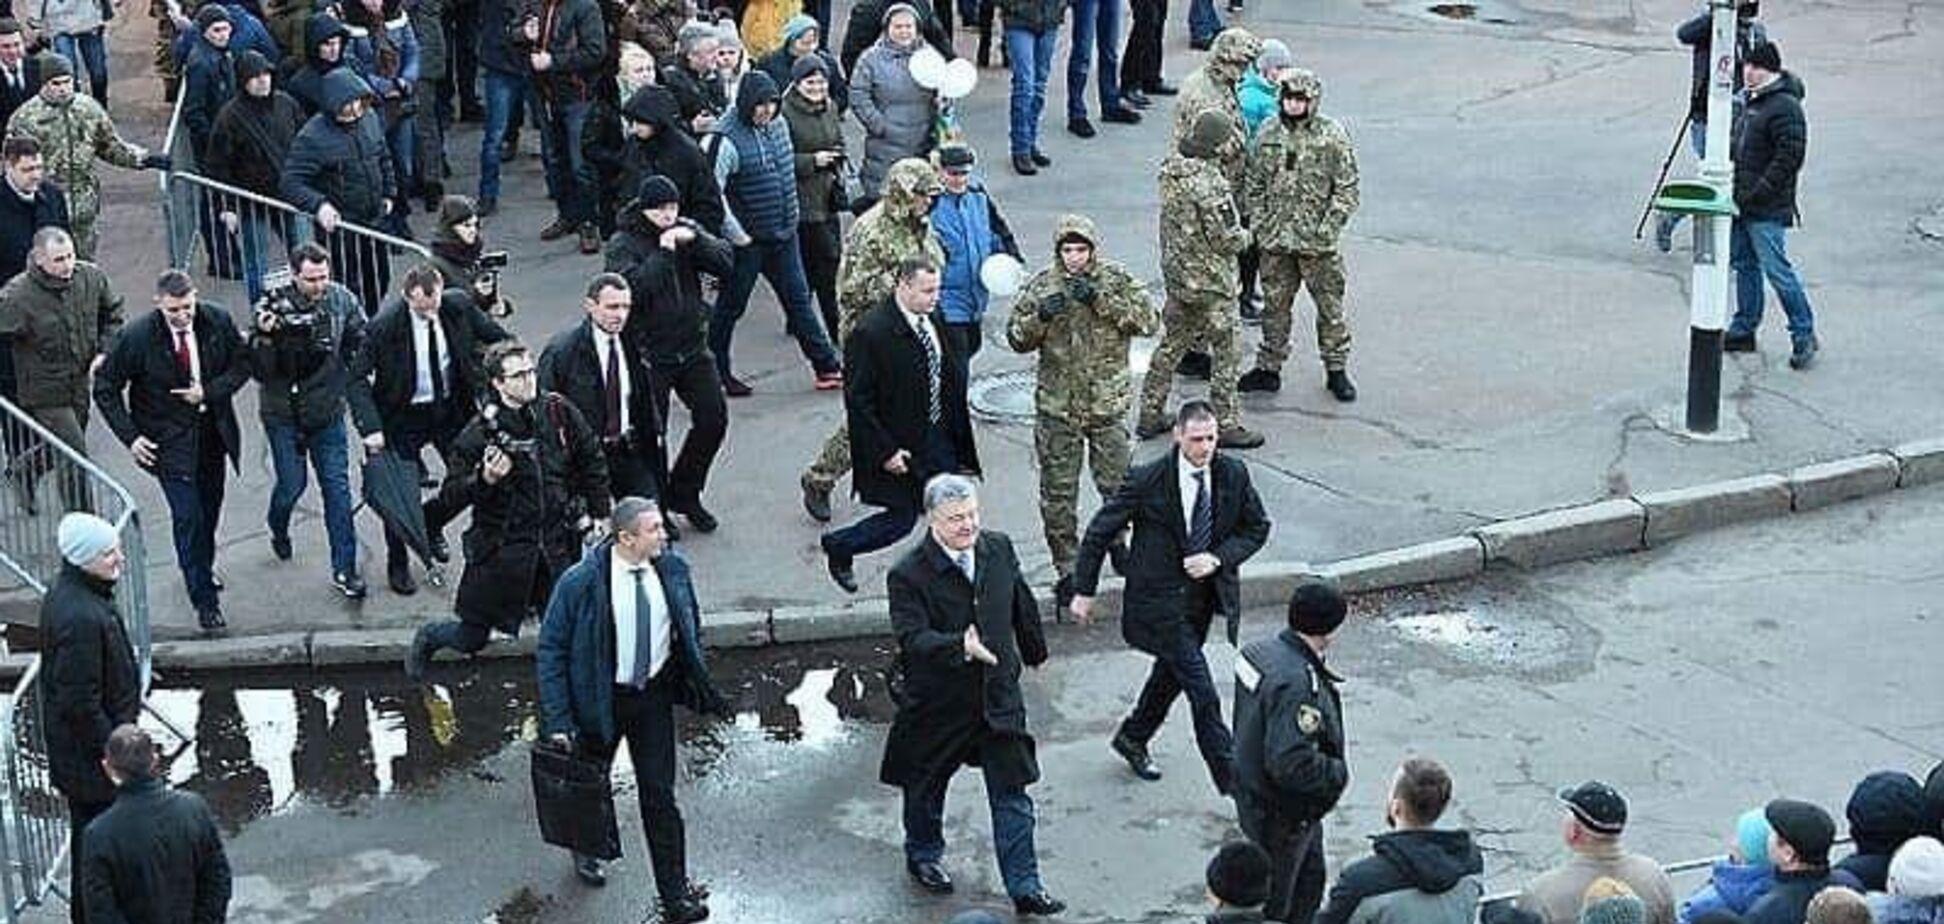 'Порошенко сбежал с митинга': росСМИ поймали на позорном фейке